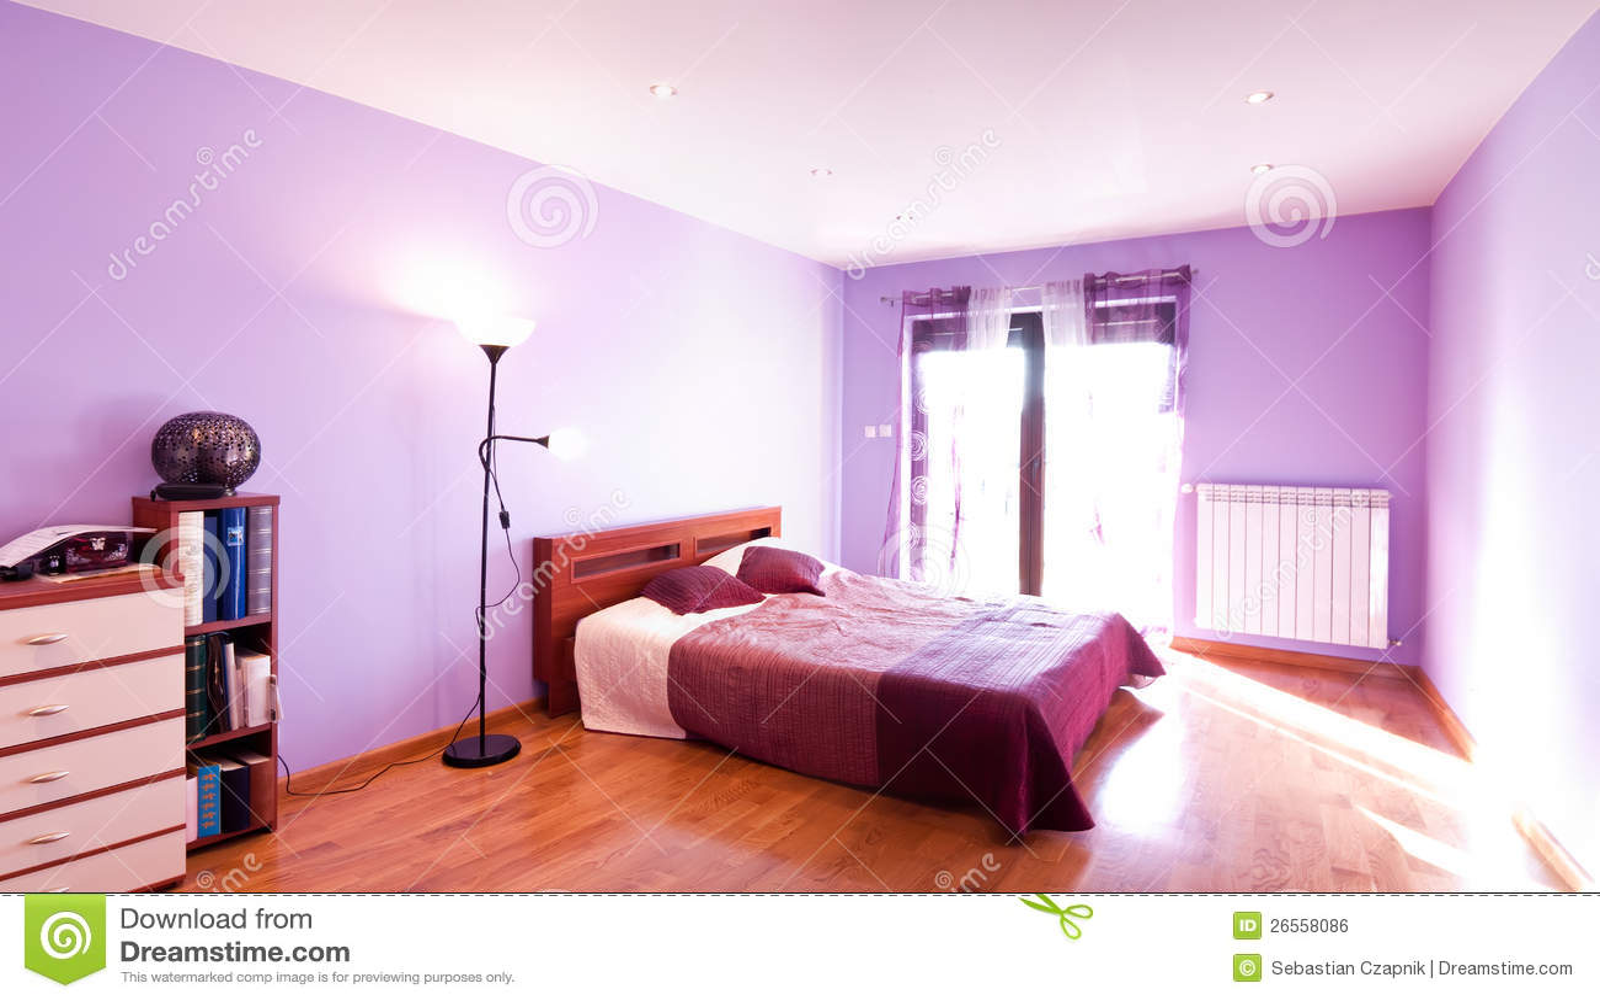 panorama violet de chambre coucher image libre de droits image 26558086. Black Bedroom Furniture Sets. Home Design Ideas